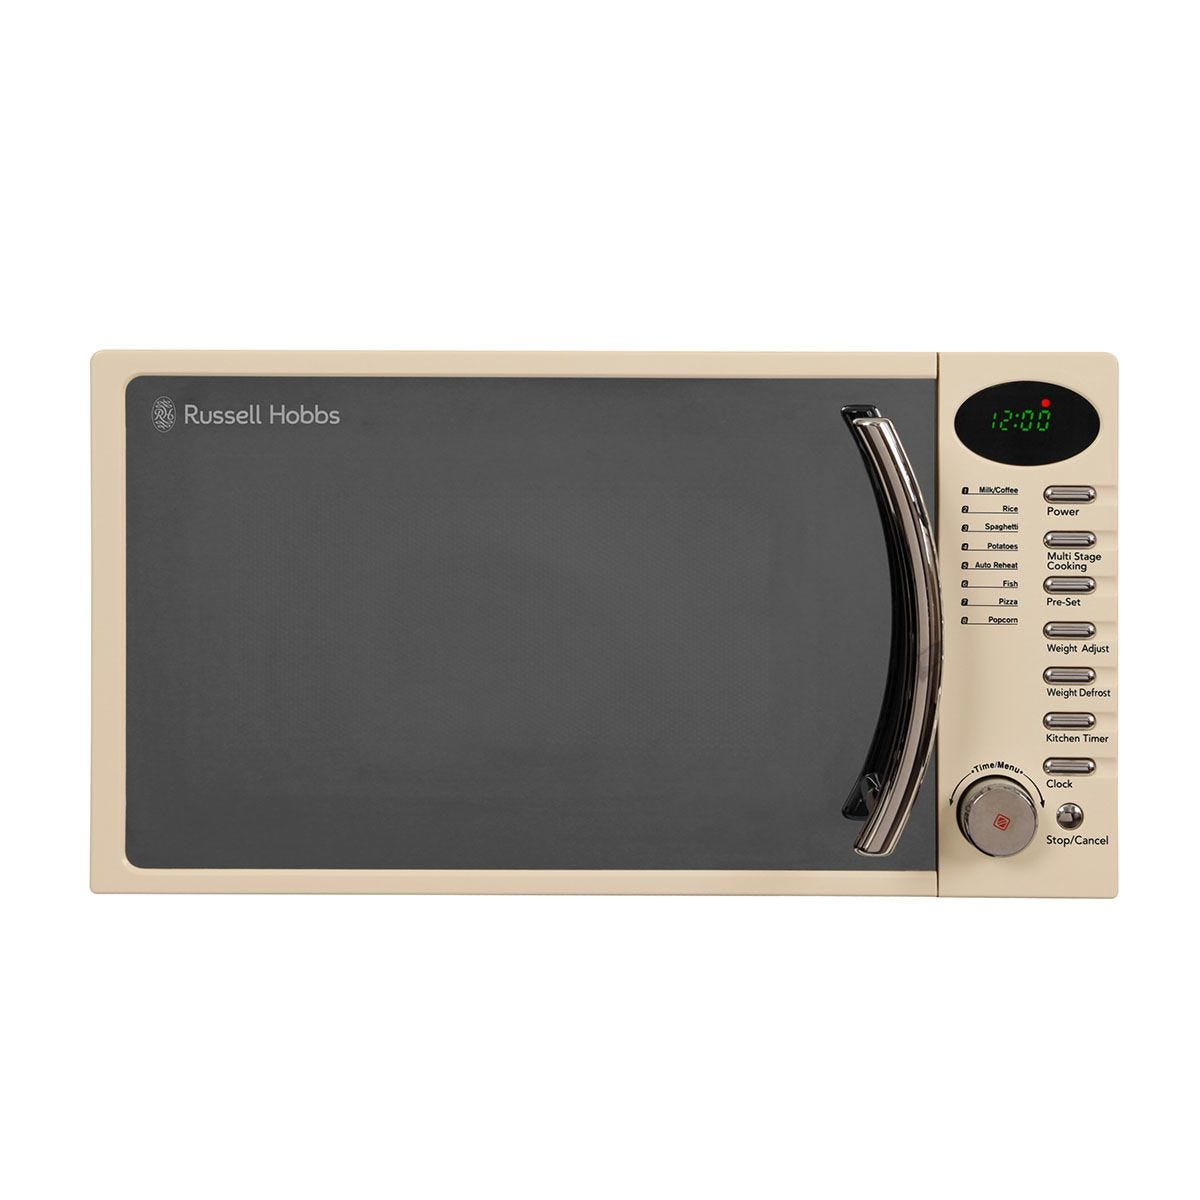 Russell Hobbs RHM1714CC Legacy 700W Digital 17L Solo Microwave – Cream